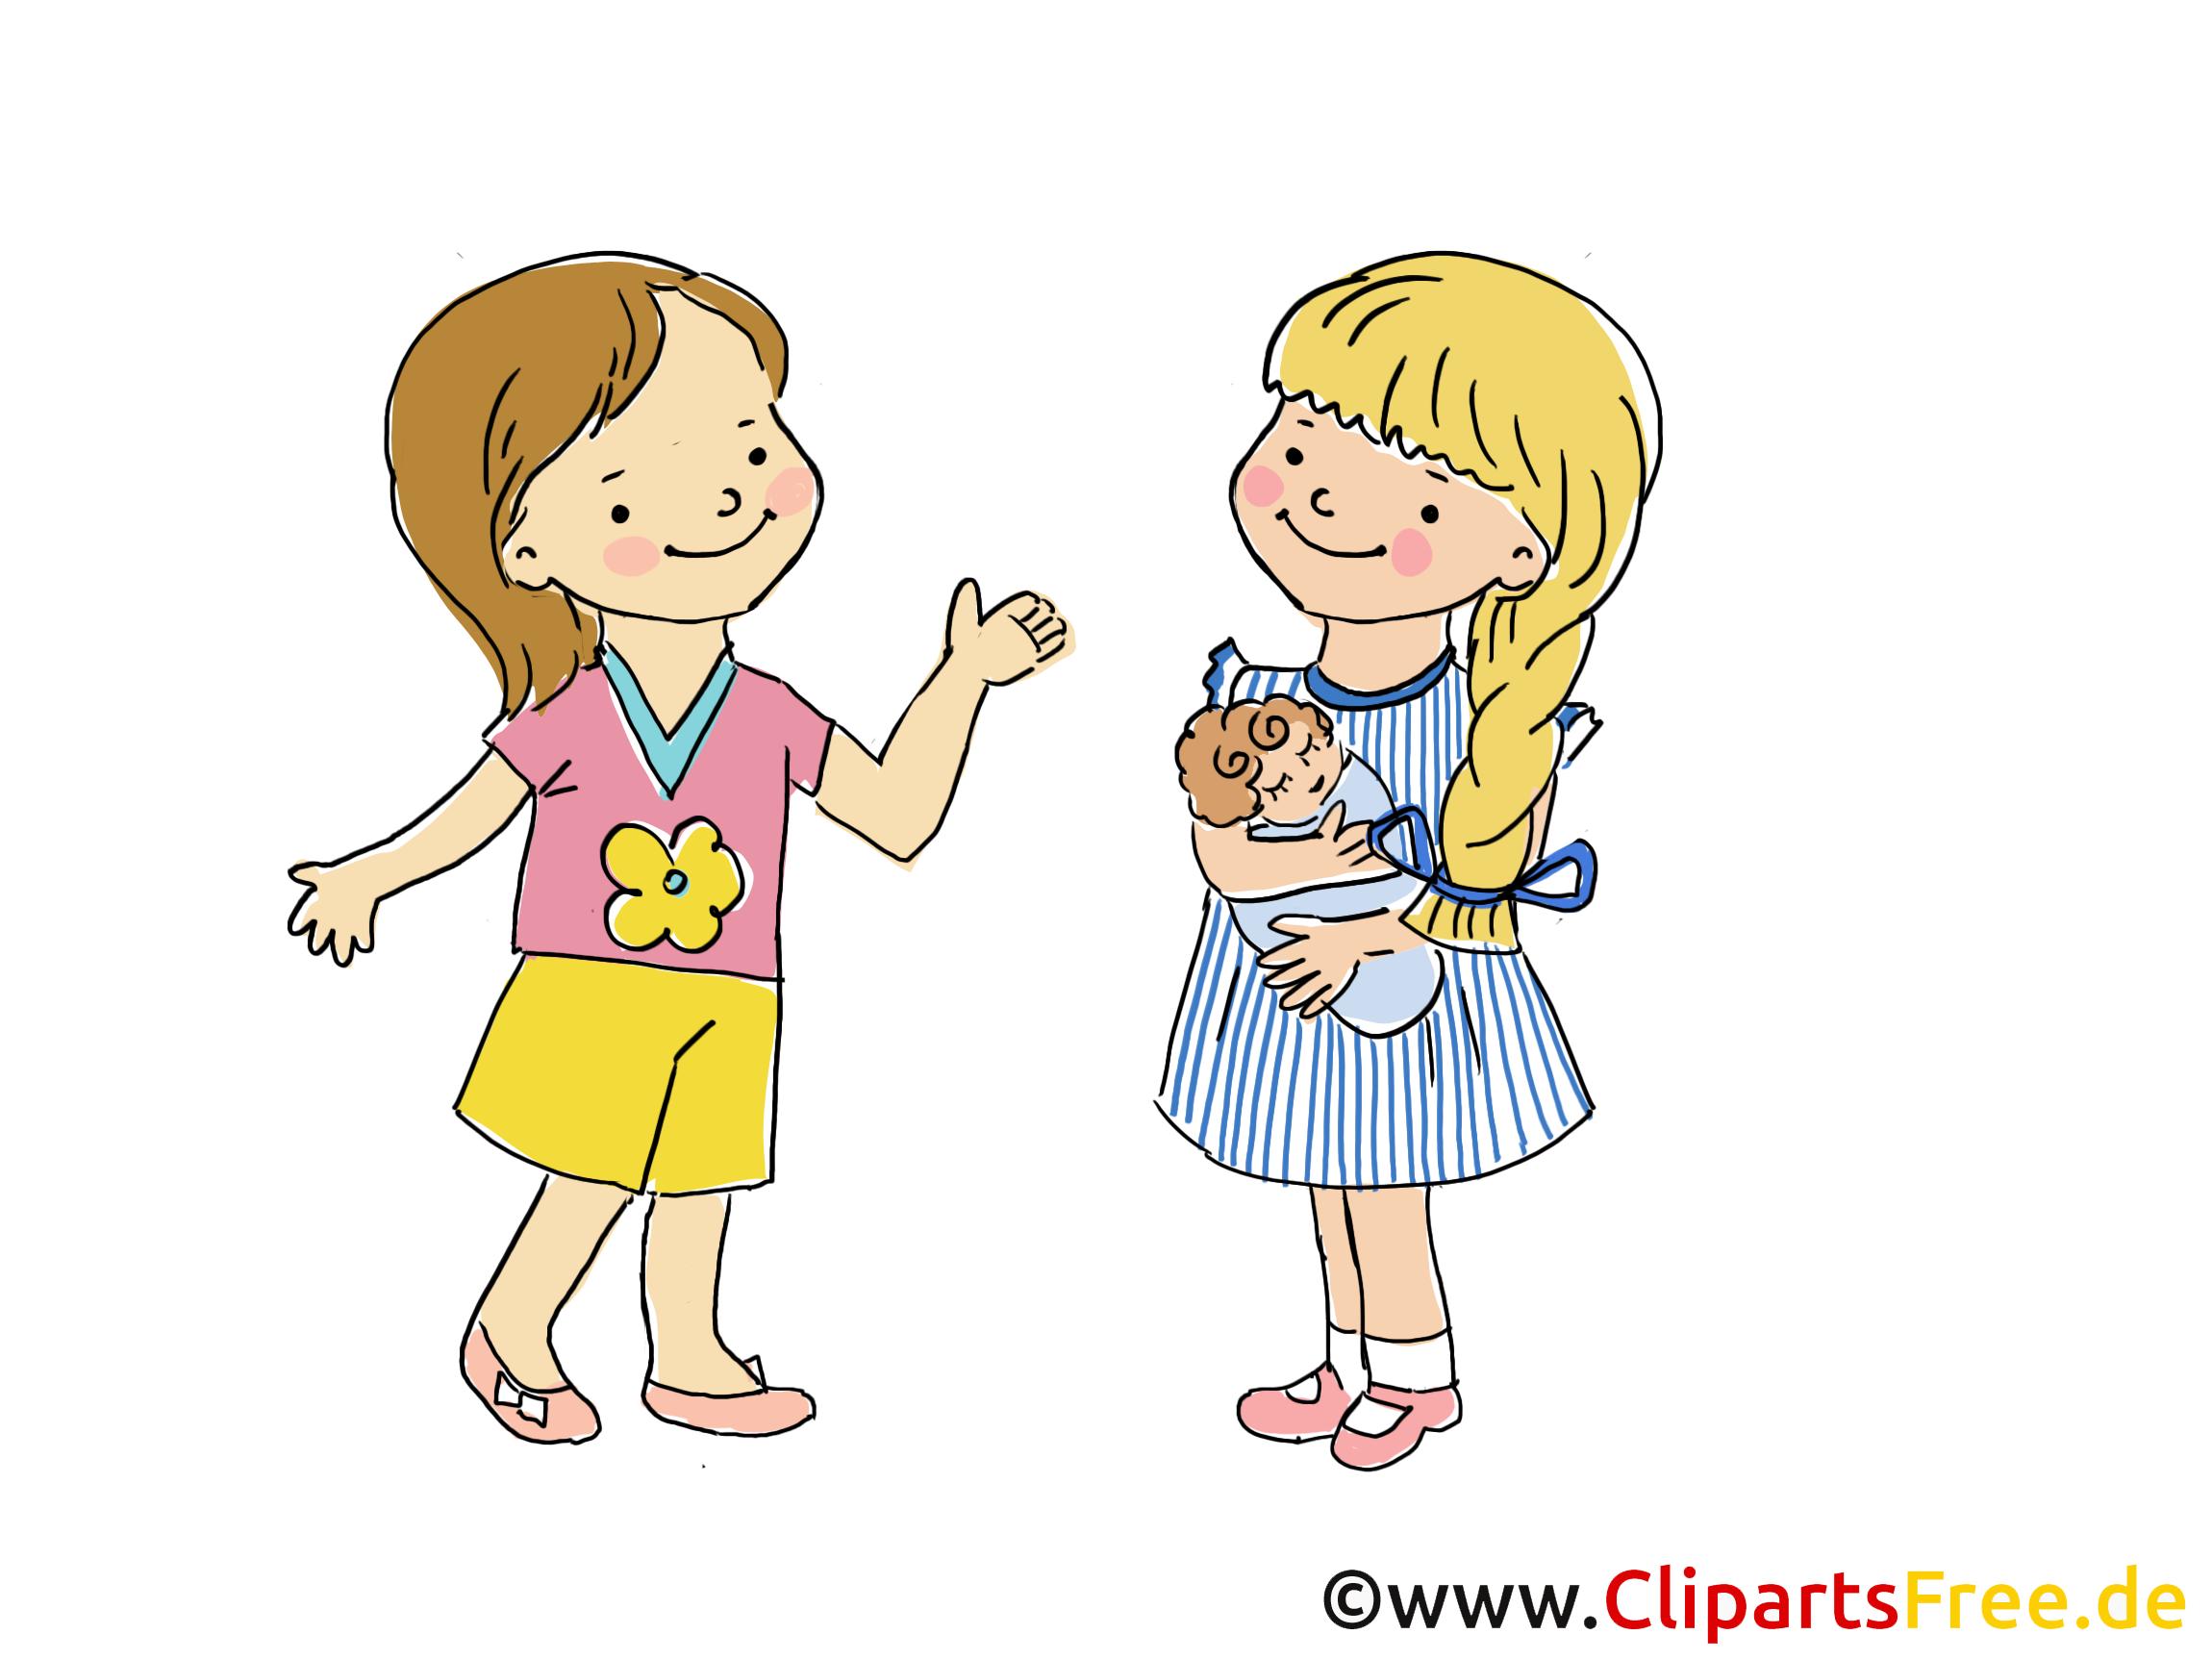 Gesprach Zwischen Kindern Bild Clipart Cartoon Grafik Gratis